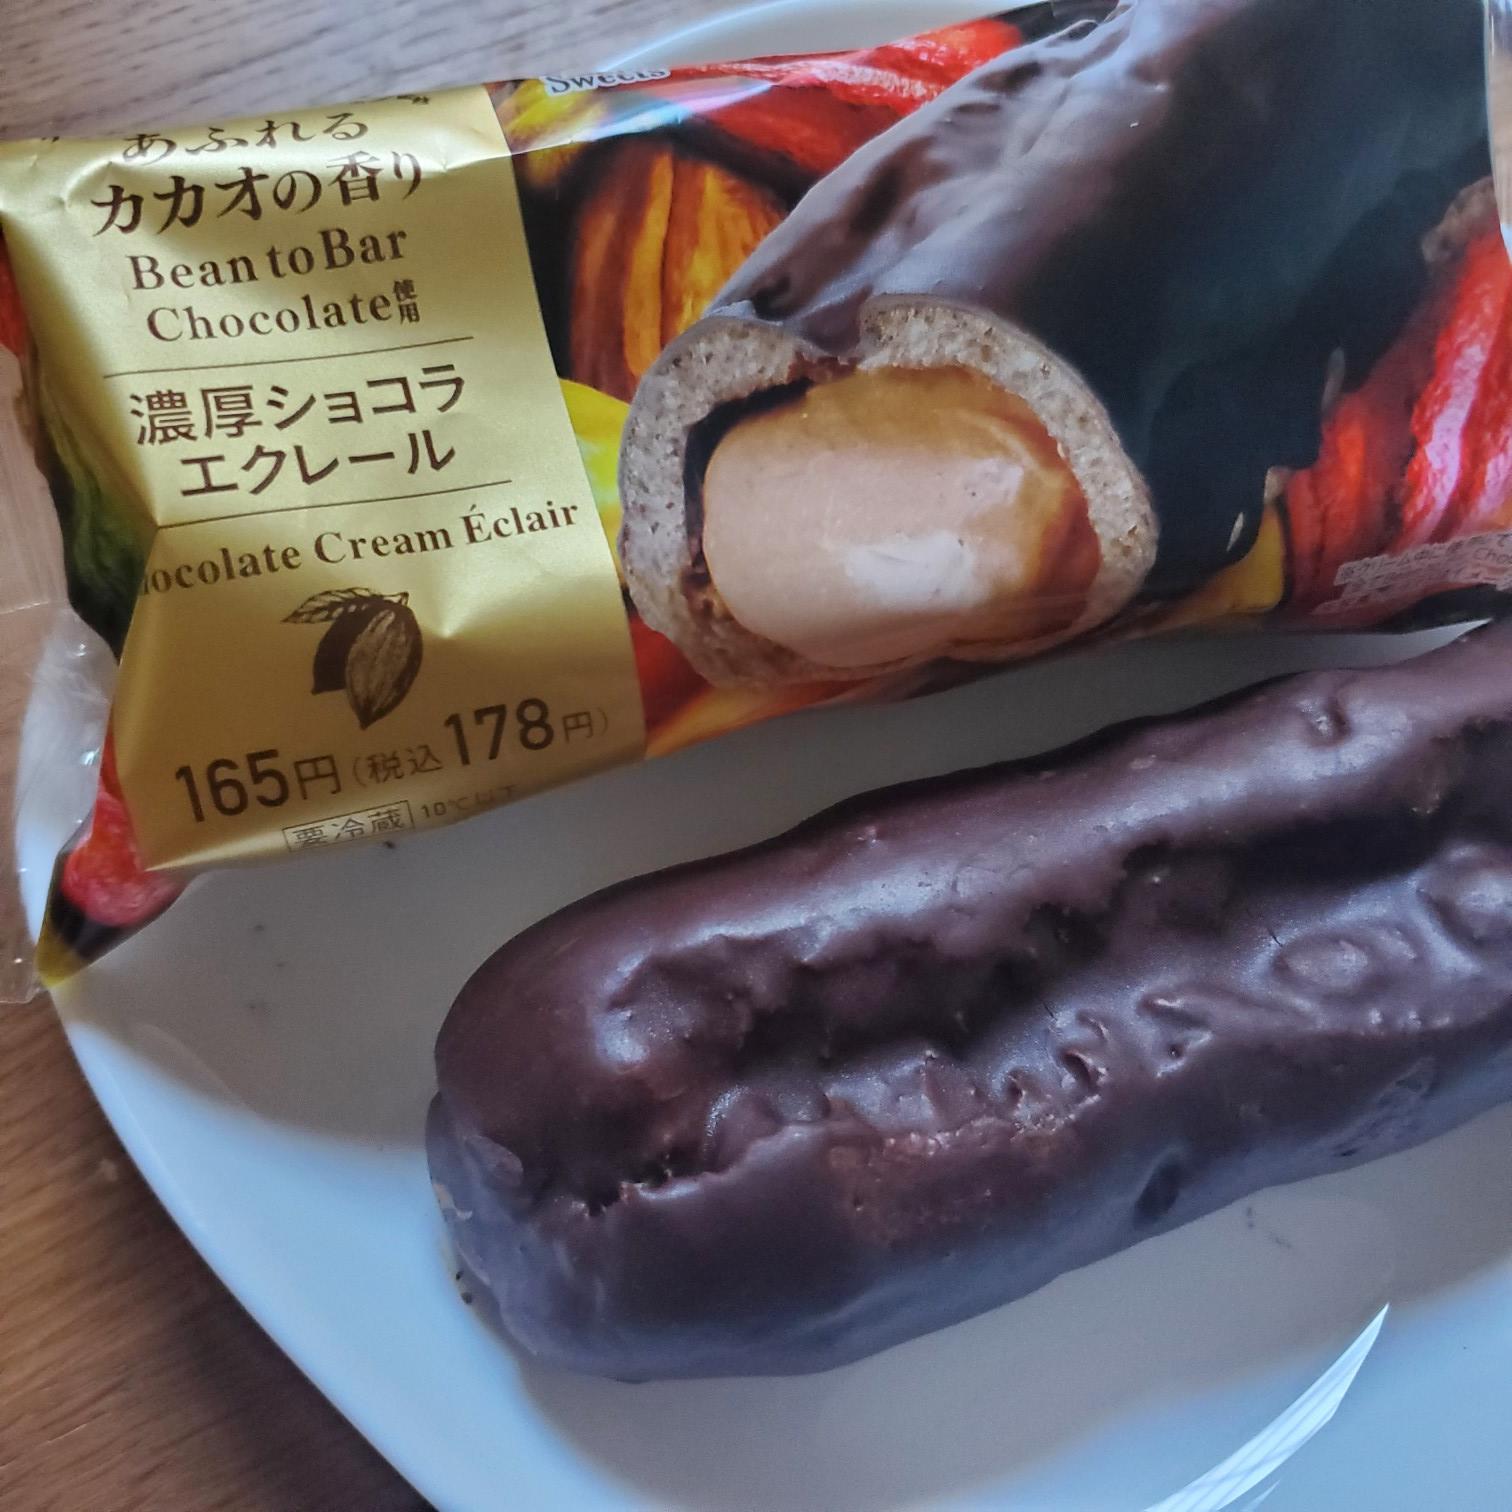 絶品!【ファミリーマート】ビターな濃厚クリームのエクレア☆_3